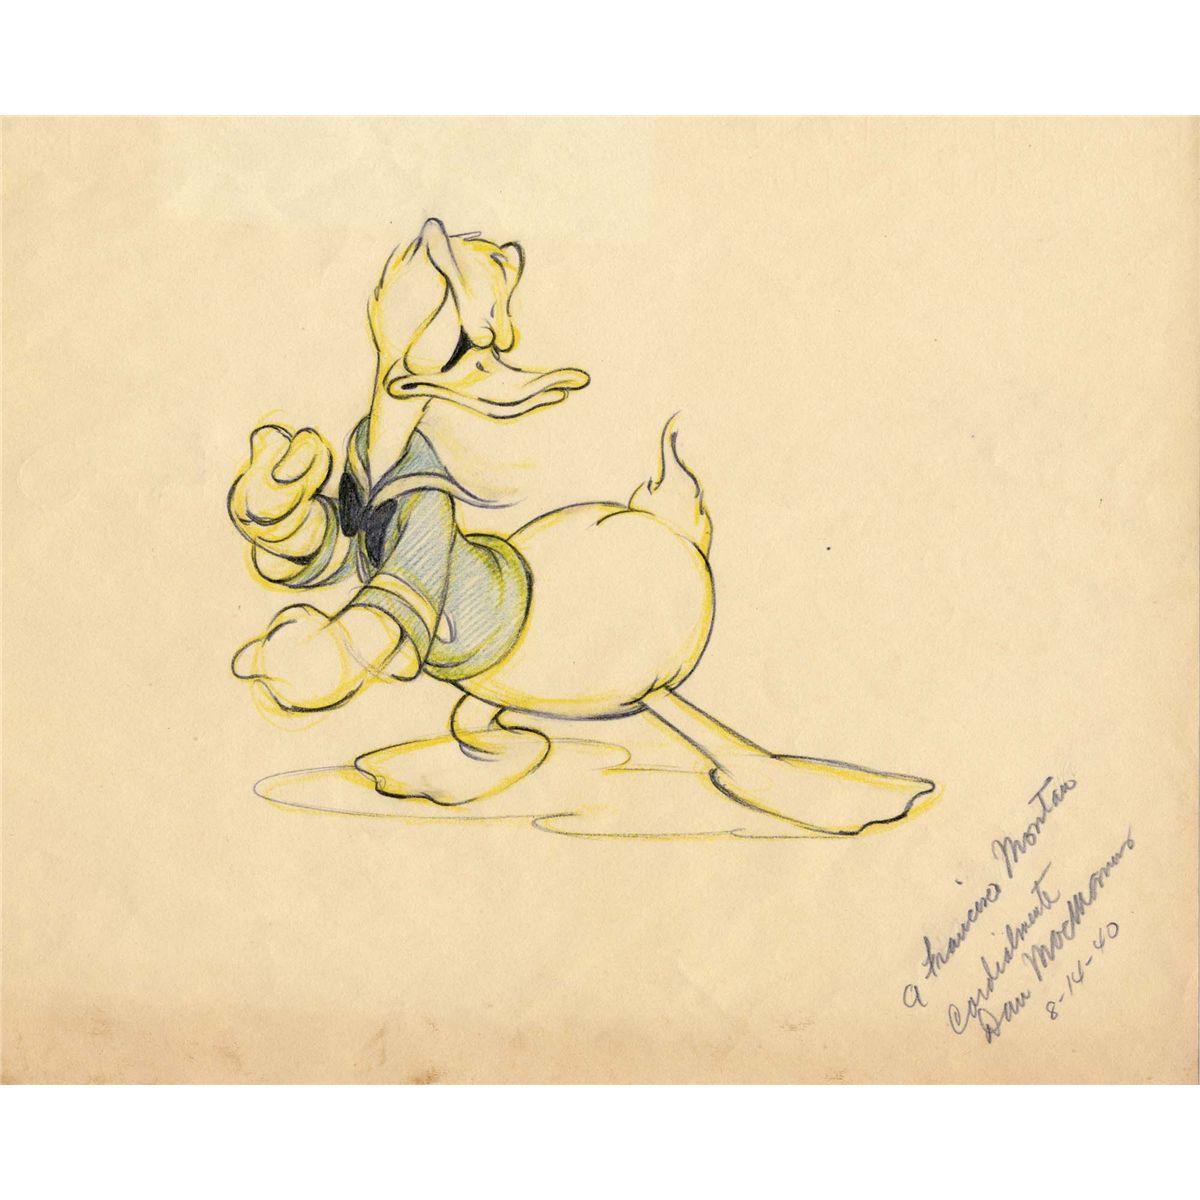 1200x1200 Original Dan Macmanus Donald Duck Drawing.